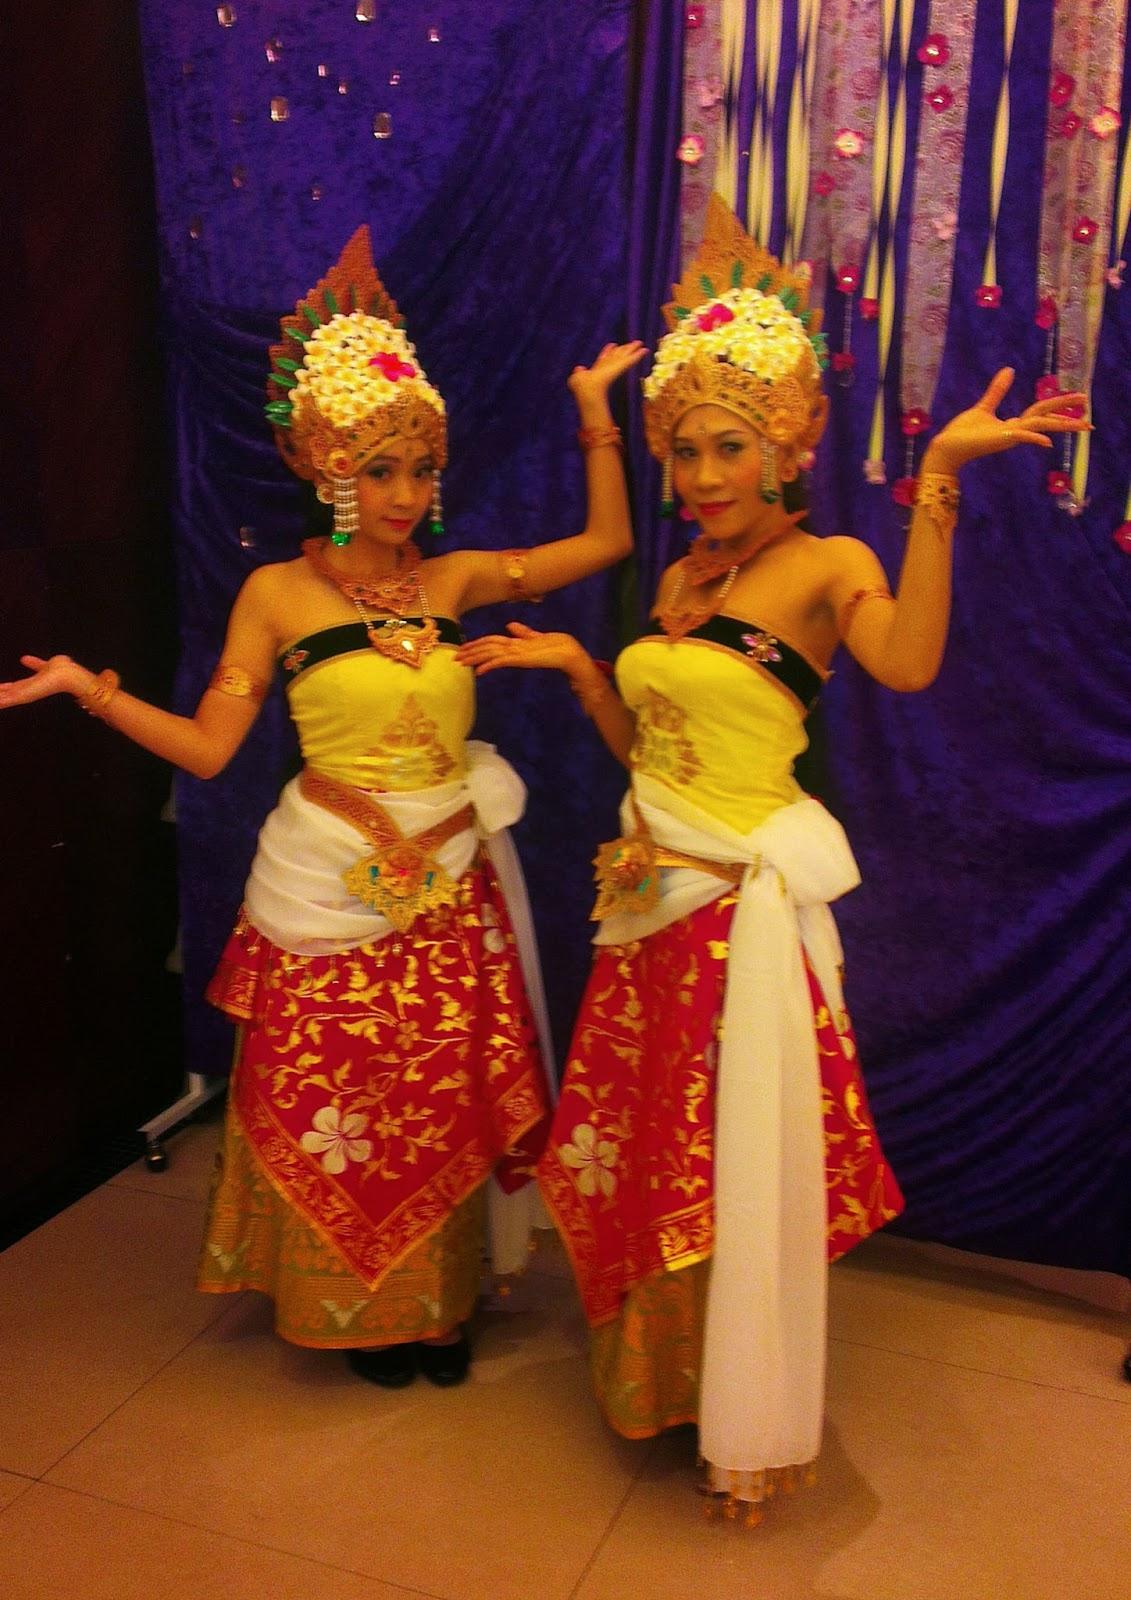 李庭莉│印尼峇里島傳統舞蹈在臺灣 │峇里島文化工作室│SanggaR Bali │ JuNie Balinese Dances │ Tari Bali di Taiwan ...